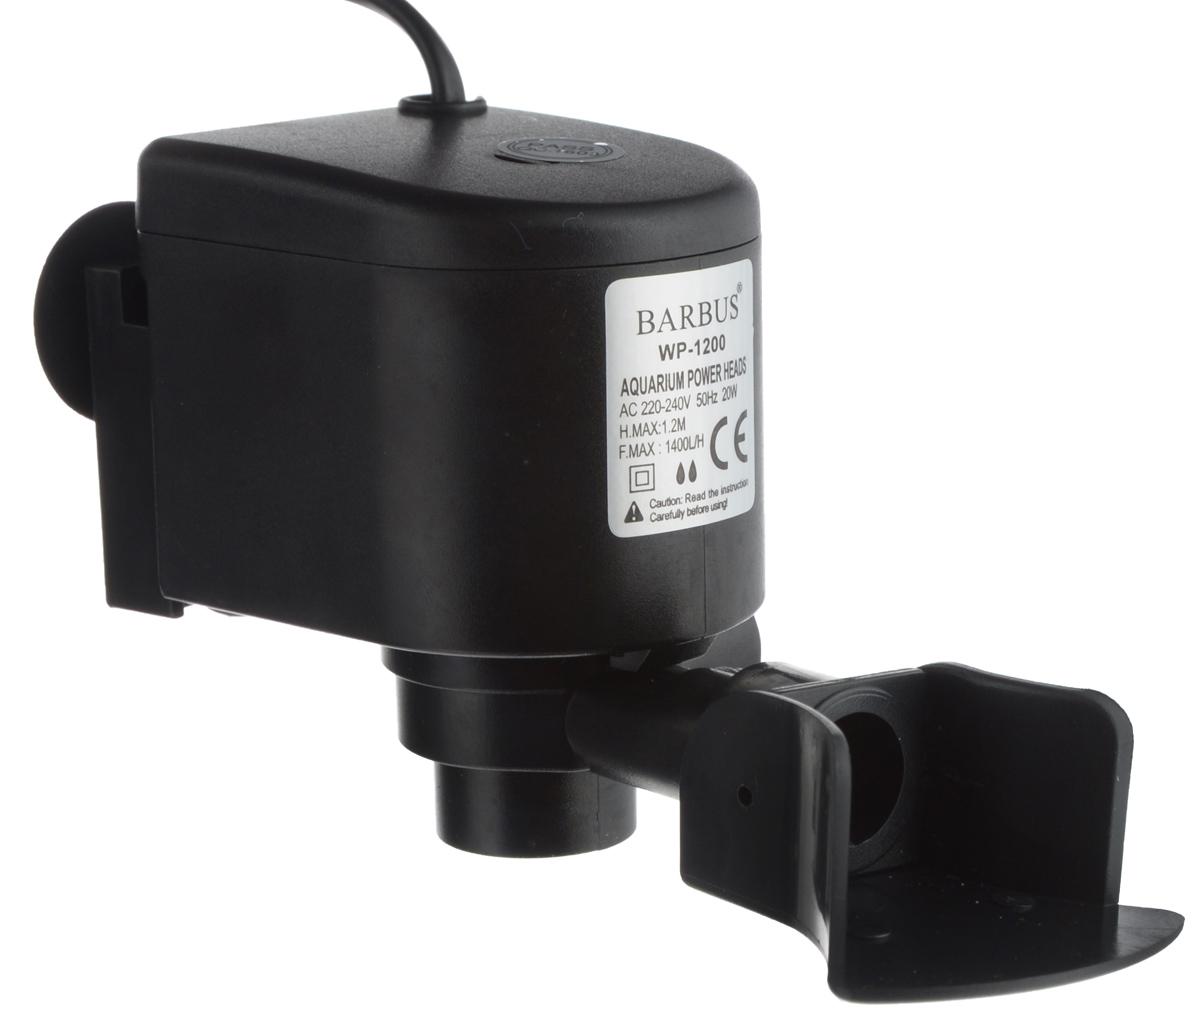 Помпа для аквариума Barbus WP-1200, водяная, 1400 л/ч, 20 Вт0120710Водяная помпа Barbus WP-1200 - это насос, который предназначен для подачи воды в аквариуме, подходит для пресной и соленой воды. Механическая фильтрация происходит за счёт губки, которая поглощает грязь и очищает воду. Также помпа Barbus WP-1200 используется для подачи воды по шлангу на некоторые устройства, расположенные вне аквариума - такие как ультрафиолетовые стерилизаторы, сухозаряженные и некоторые навесные фильтры, биофильтры вне аквариума и другие.Имеет дополнительную насадку с возможностью аэрации воды. Только для полного погружения в воду. Напряжение: 220-240 В. Частота: 50/60 Гц. Производительность: 1400 л/ч. Уважаемые клиенты!Обращаем ваше внимание навозможныеизмененияв цветенекоторых деталейтовара. Поставка осуществляется в зависимости от наличия на складе.